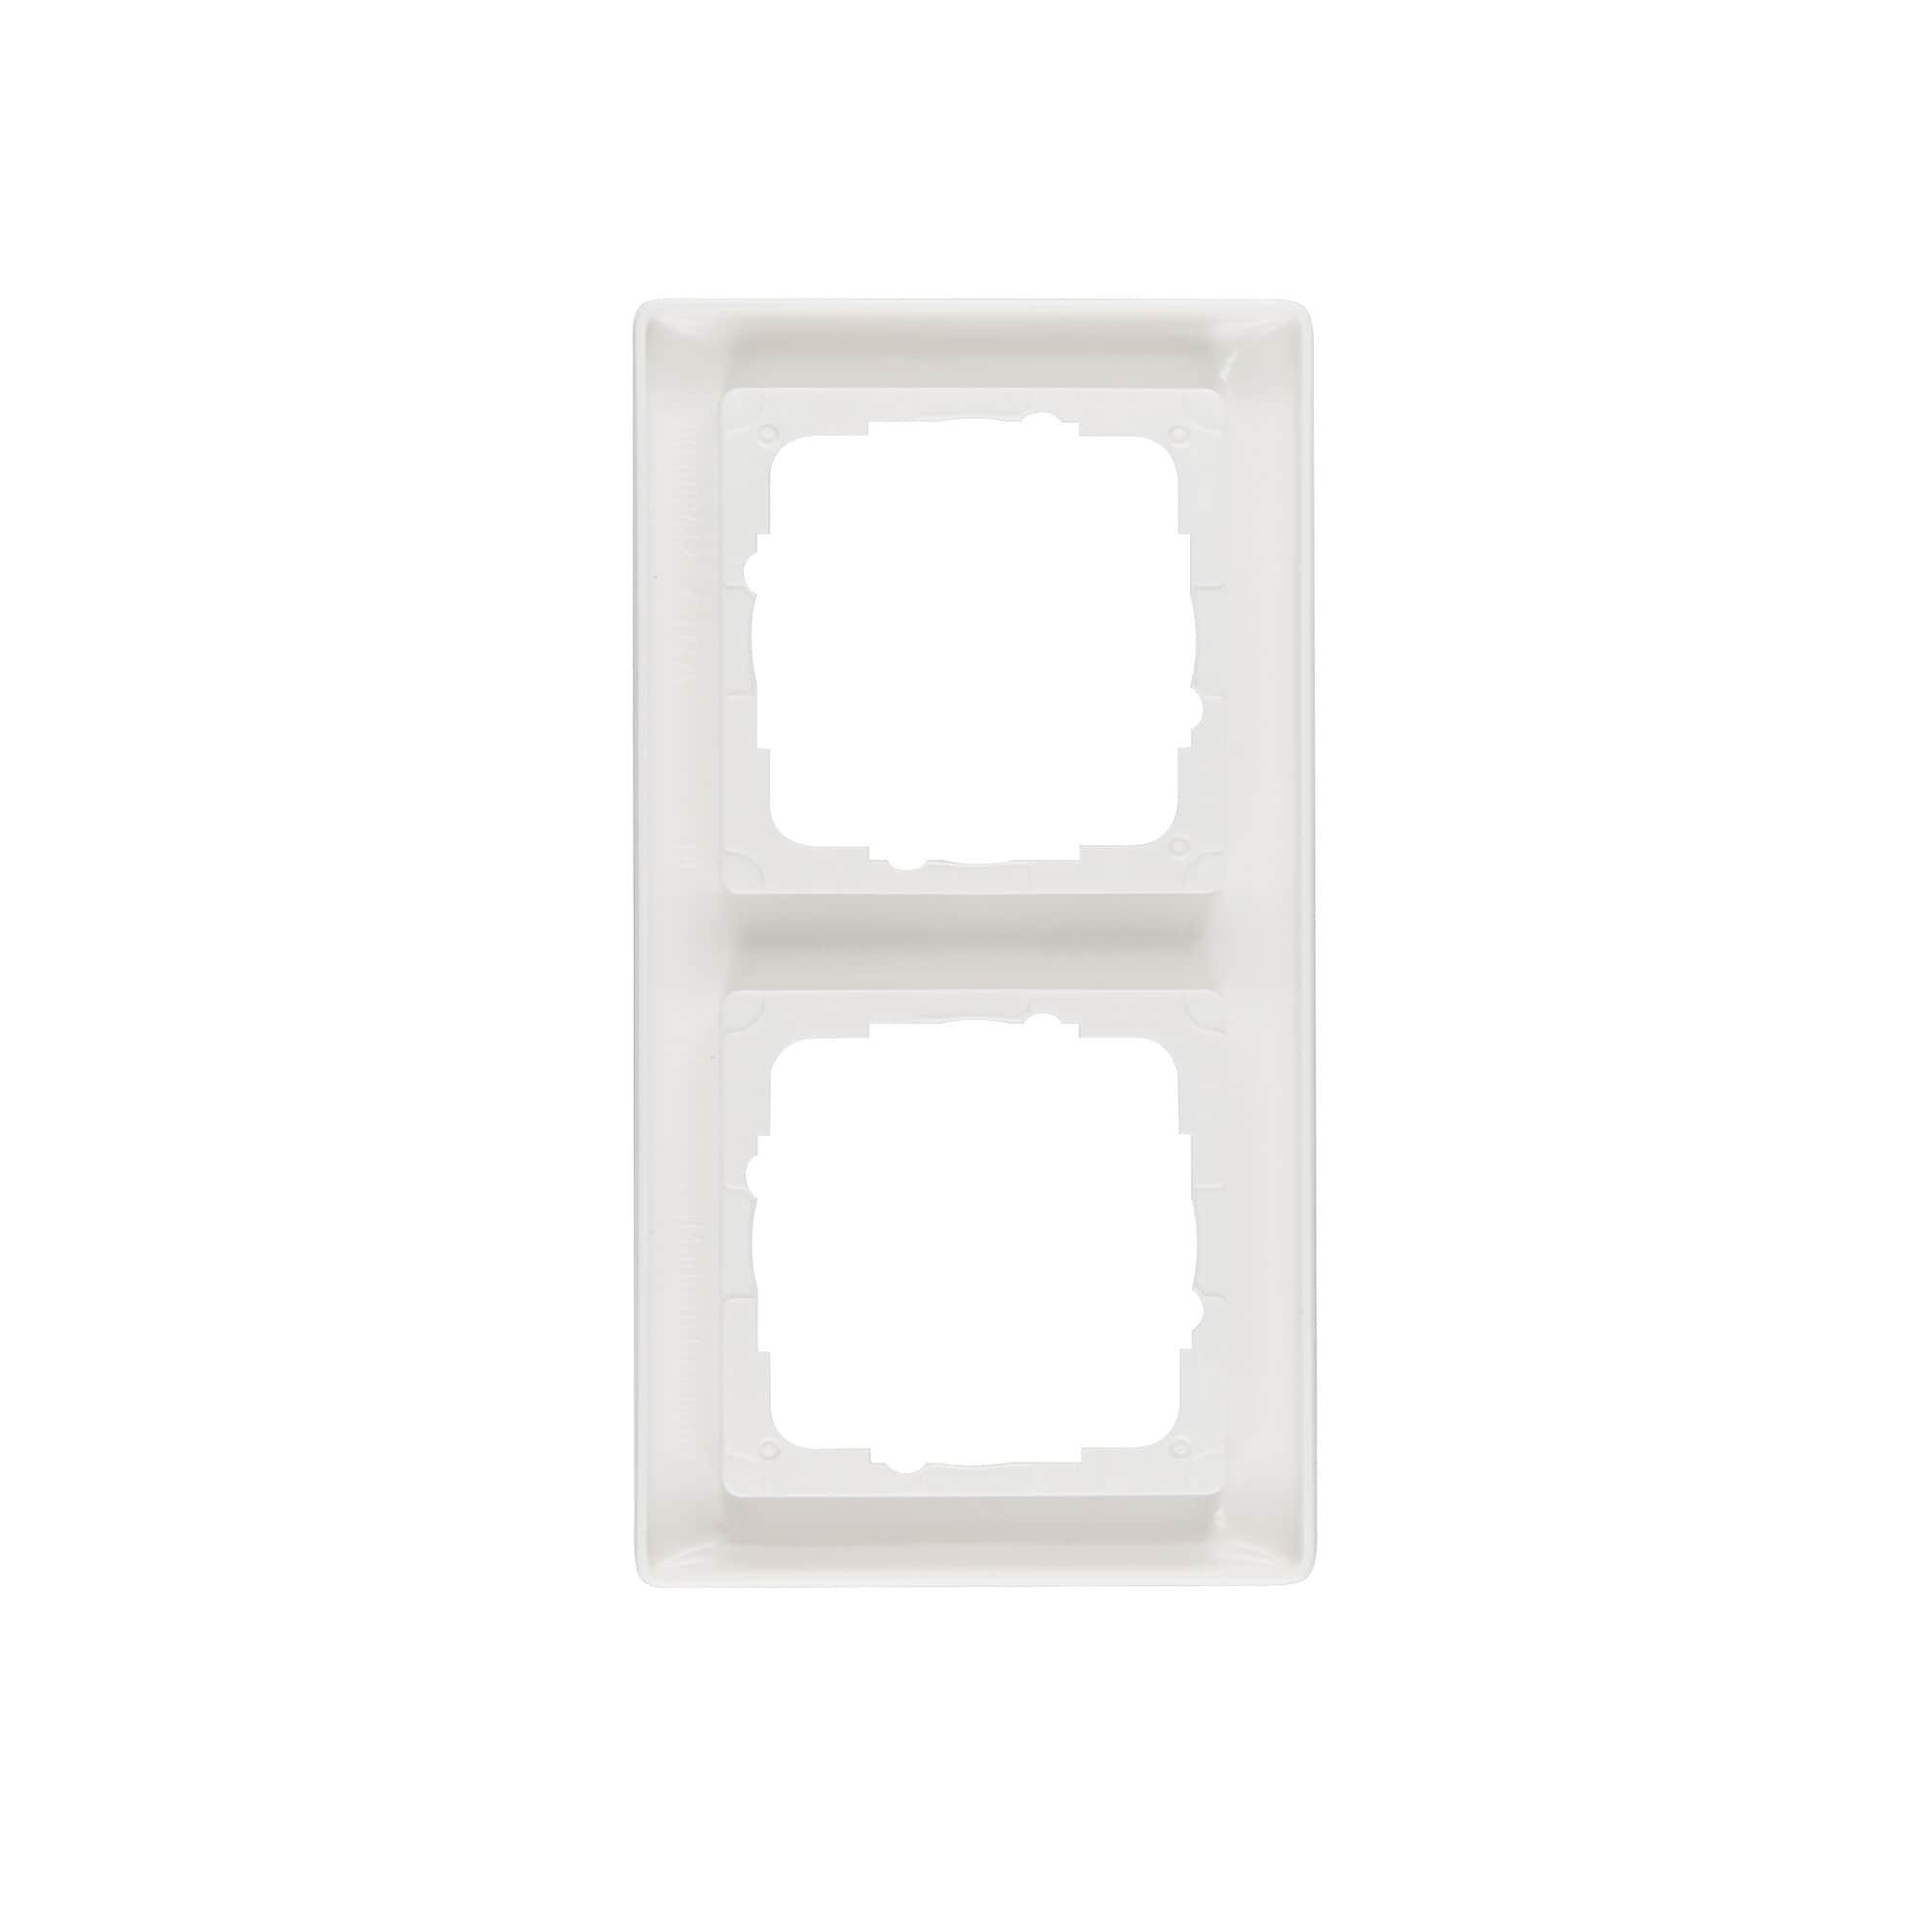 Plaque centrale pour TAE-murale Gira Système 55 Blanc Virginal Brillant Type 027603